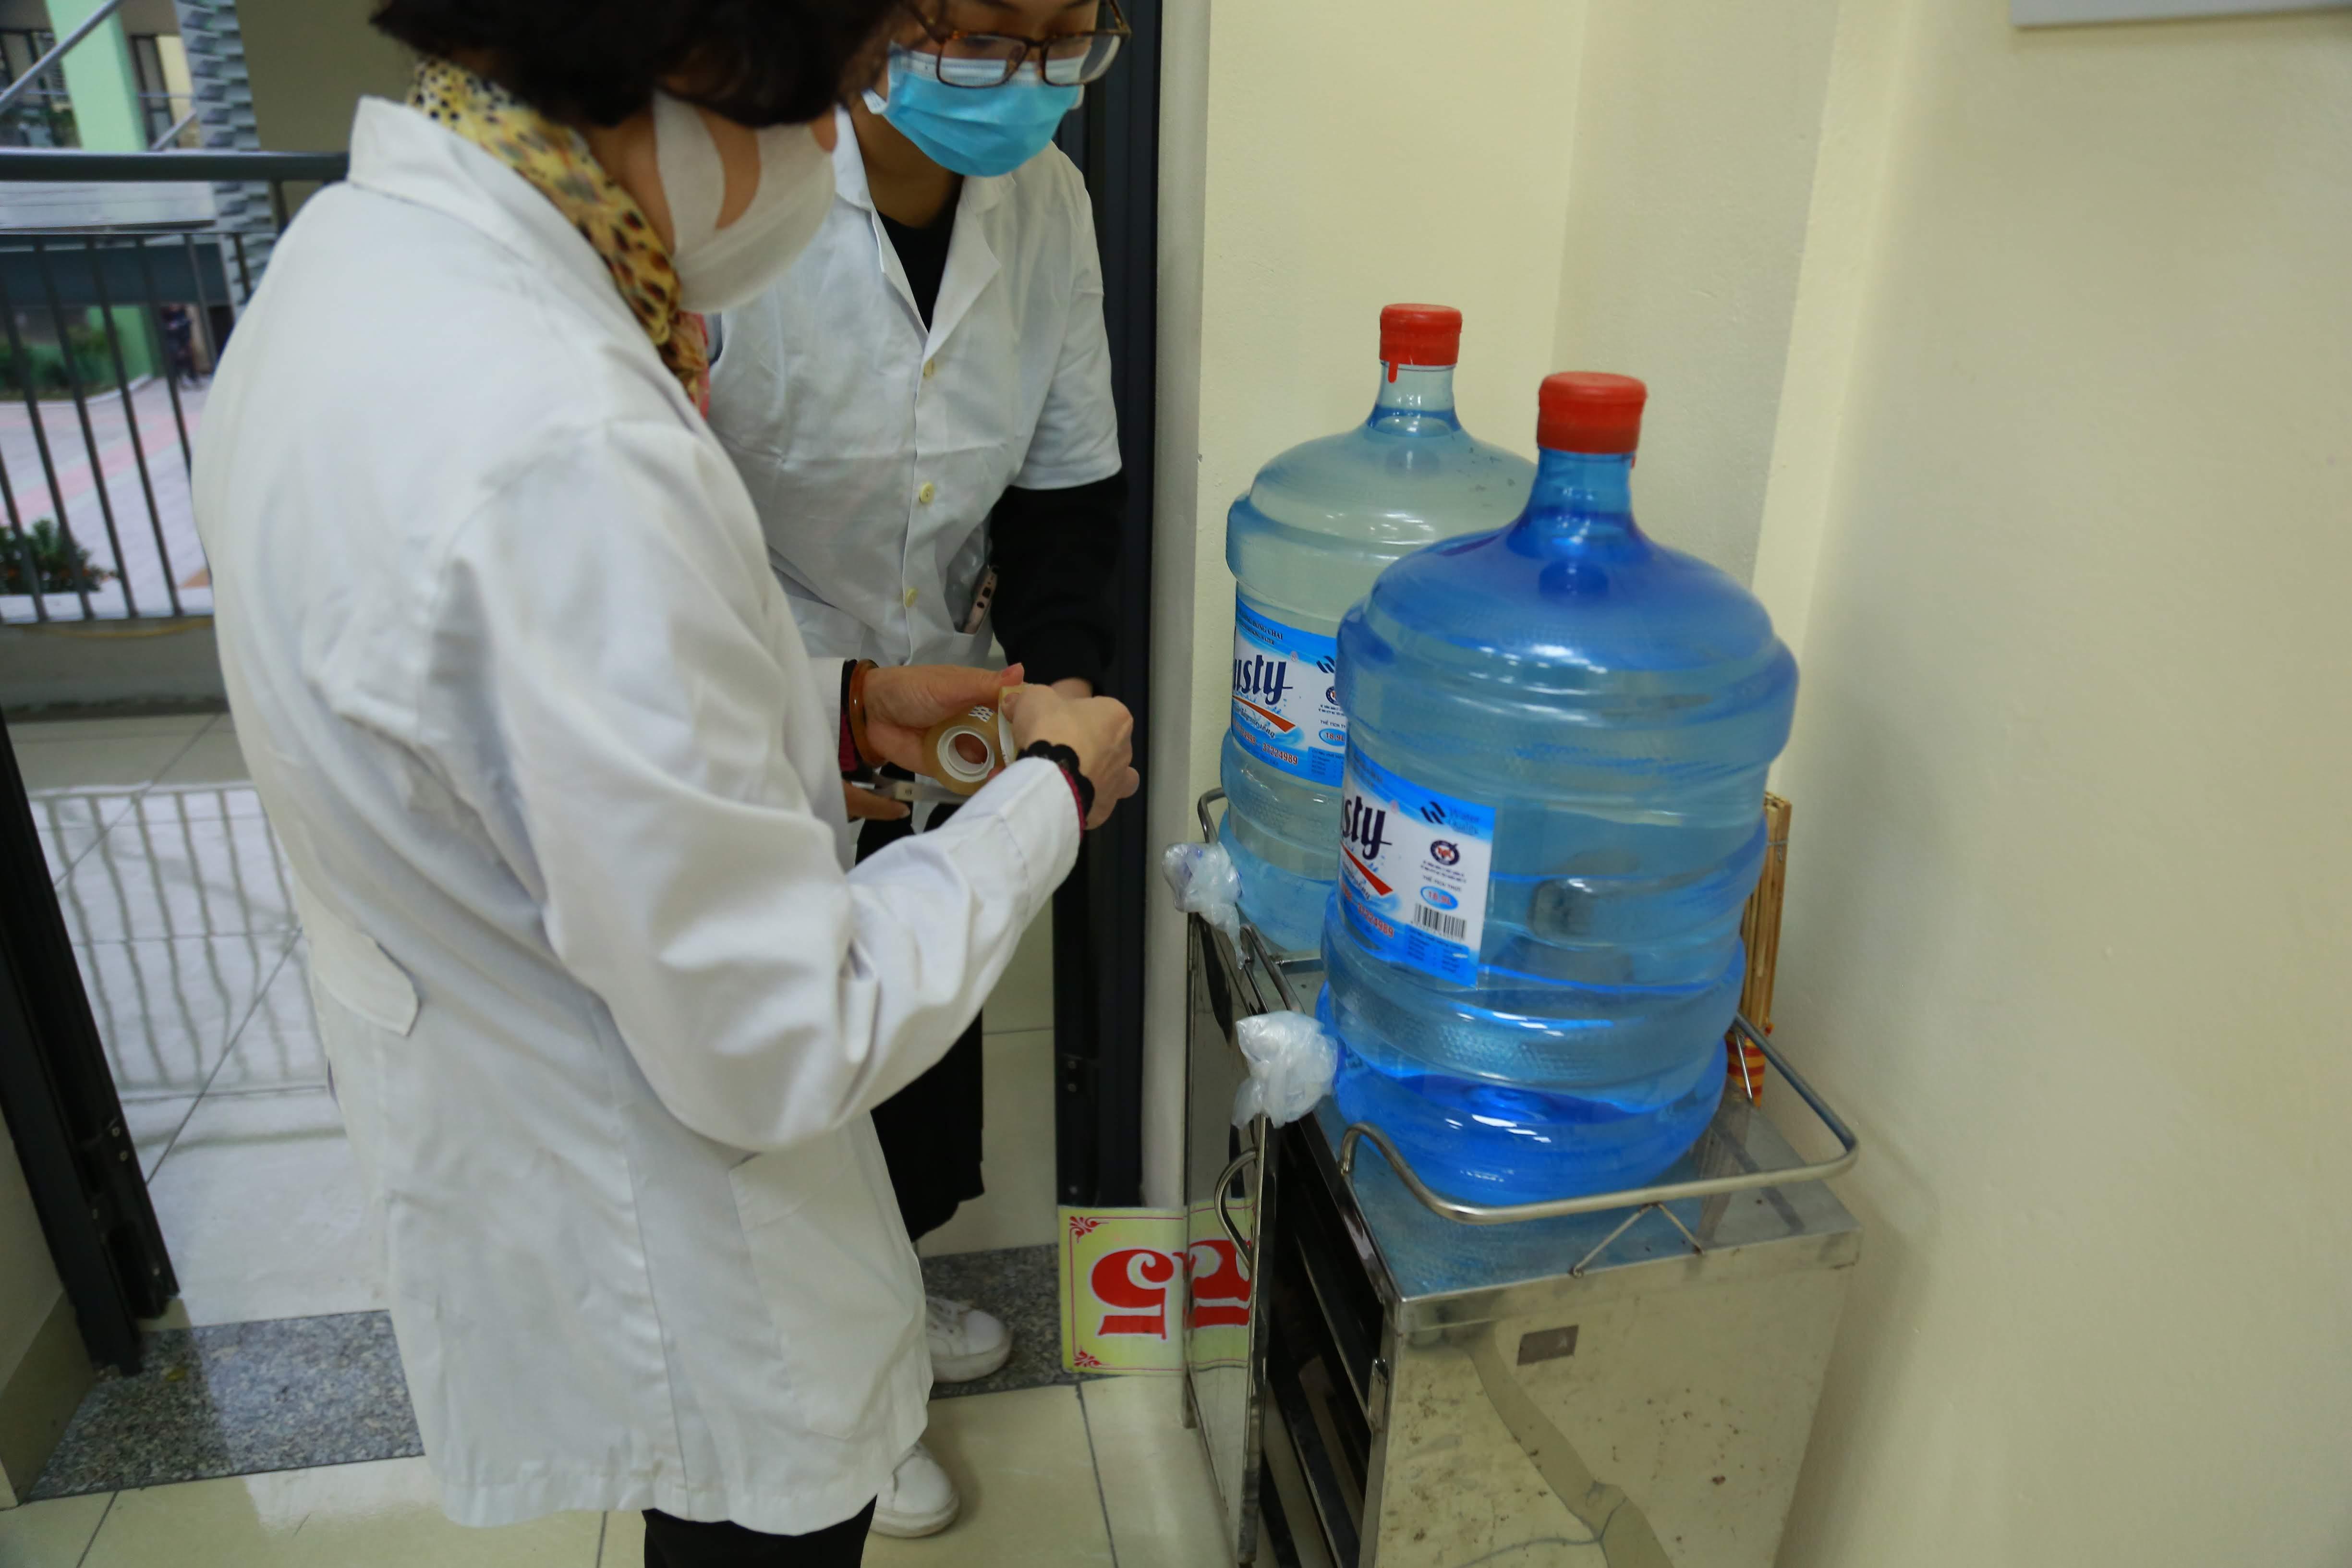 Cán bộ y tế cũng cẩn thận che chắn khu vực bình uống nước có trong trường.